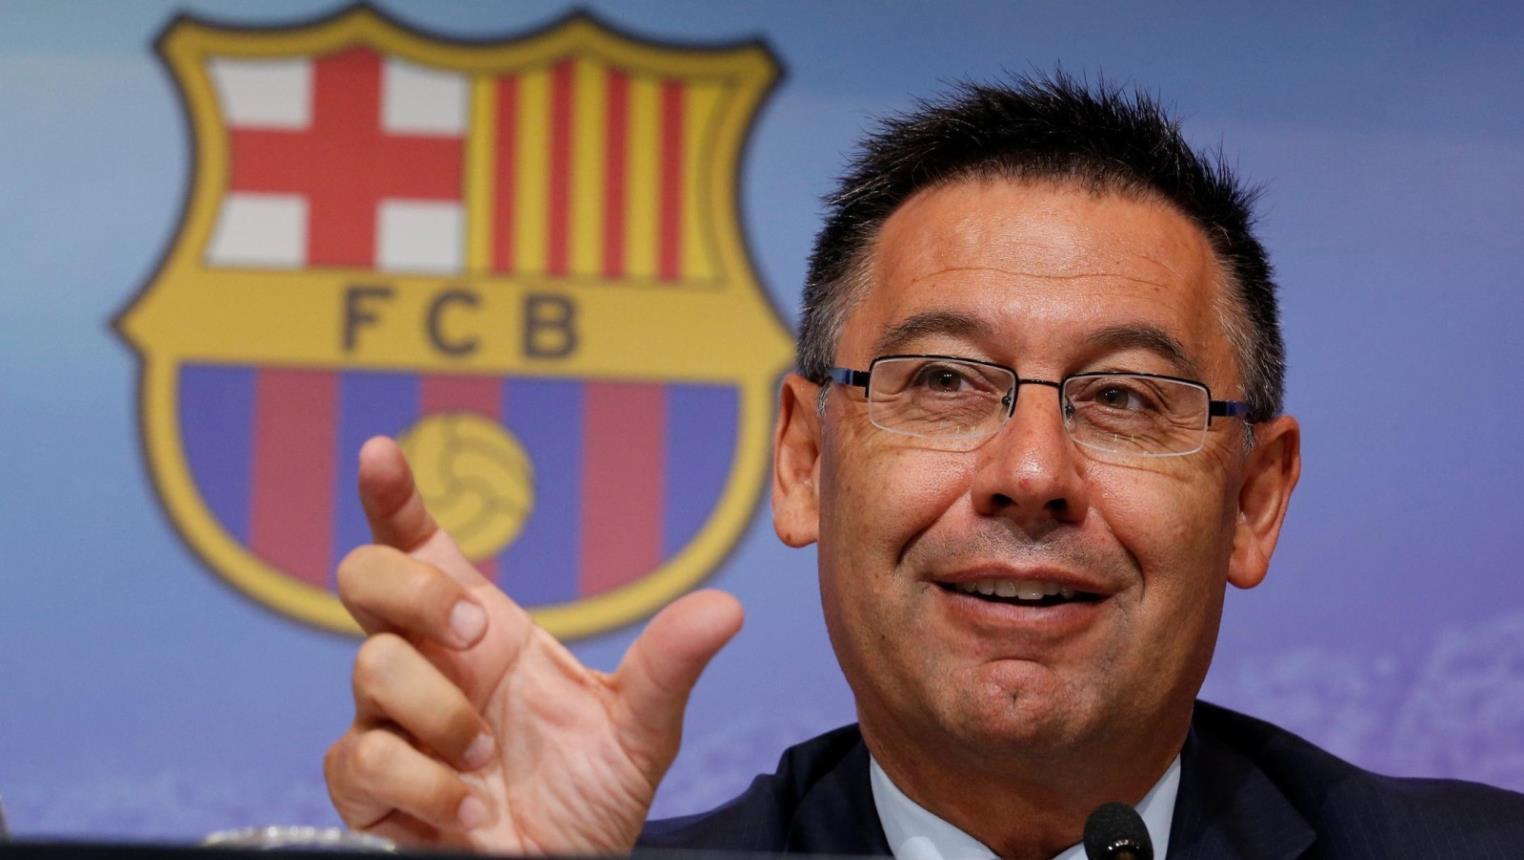 """صورة برشلونة يستعد لإعلان نغسه الفريق """"الملياري"""" الأول في العالم"""